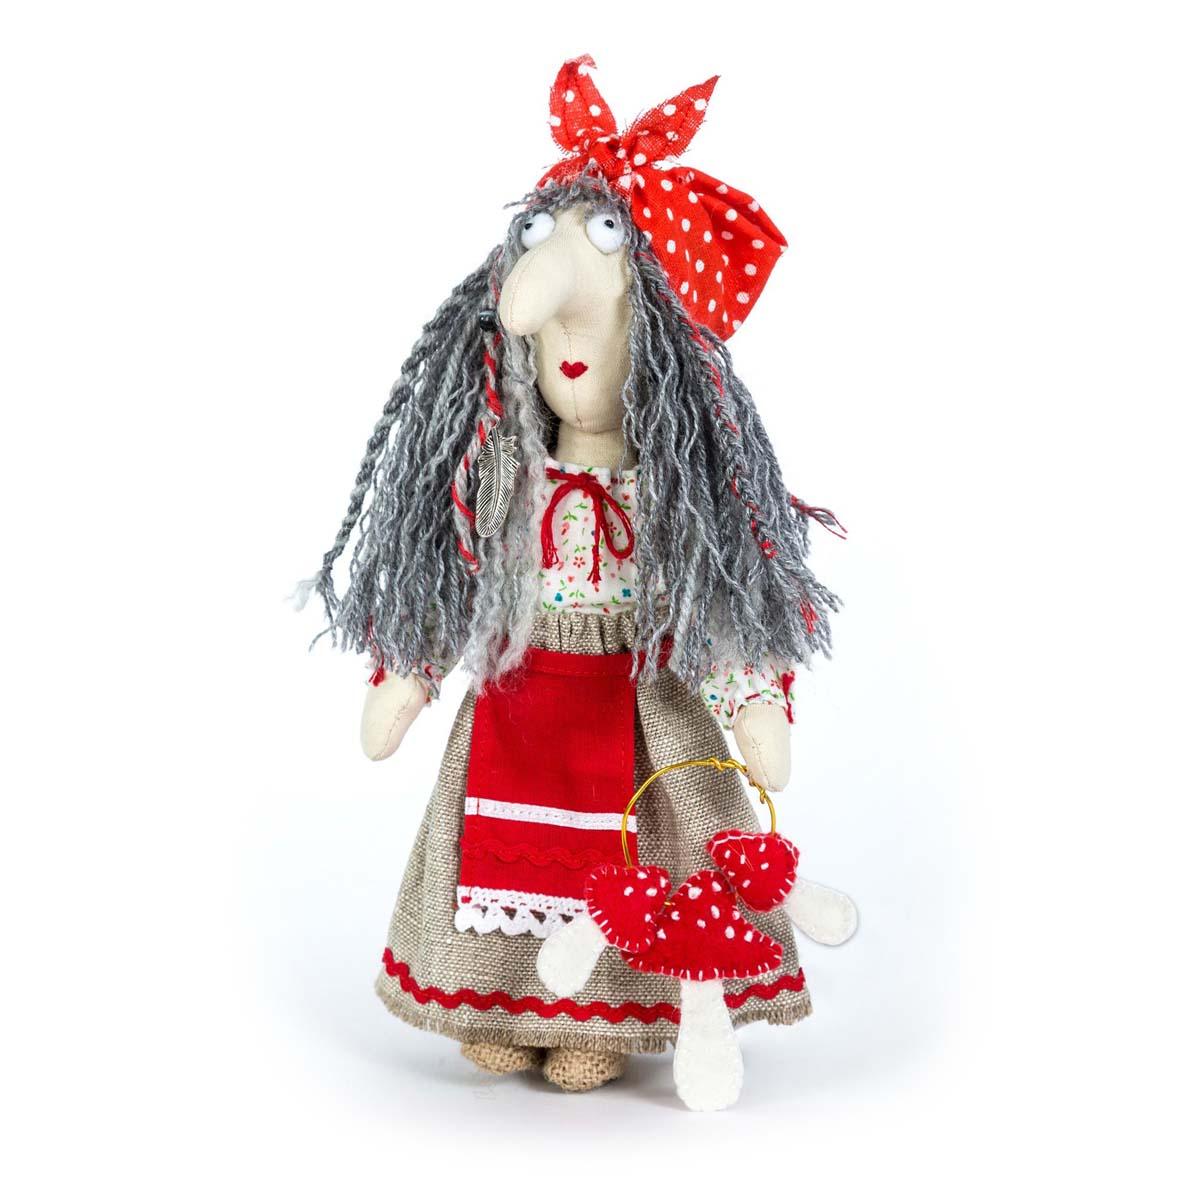 ПЛДК-1453 Набор для создания текстильной игрушки серия Домовёнок и компания 'Баба Яга'